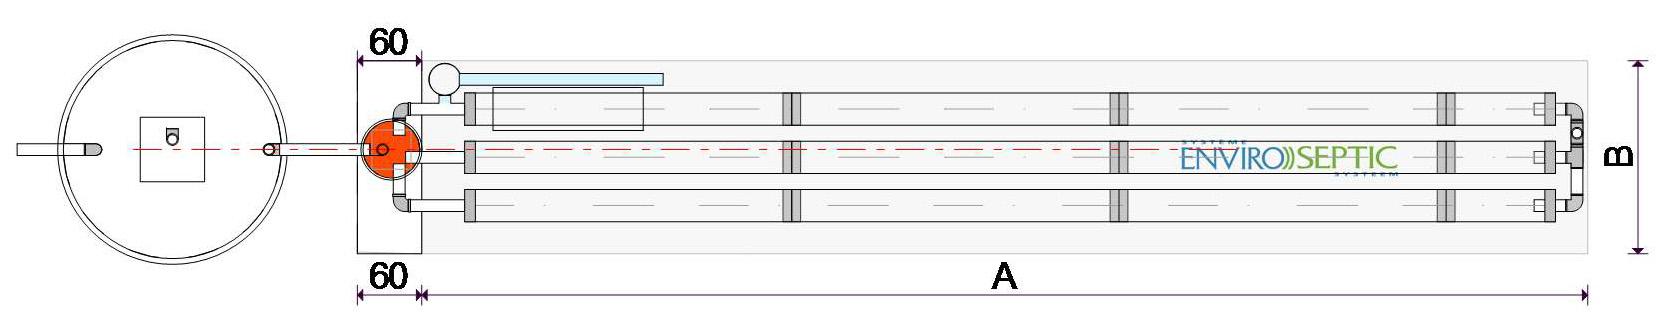 2-4-3-ph1-1-EVS- plan boite de distribution 2